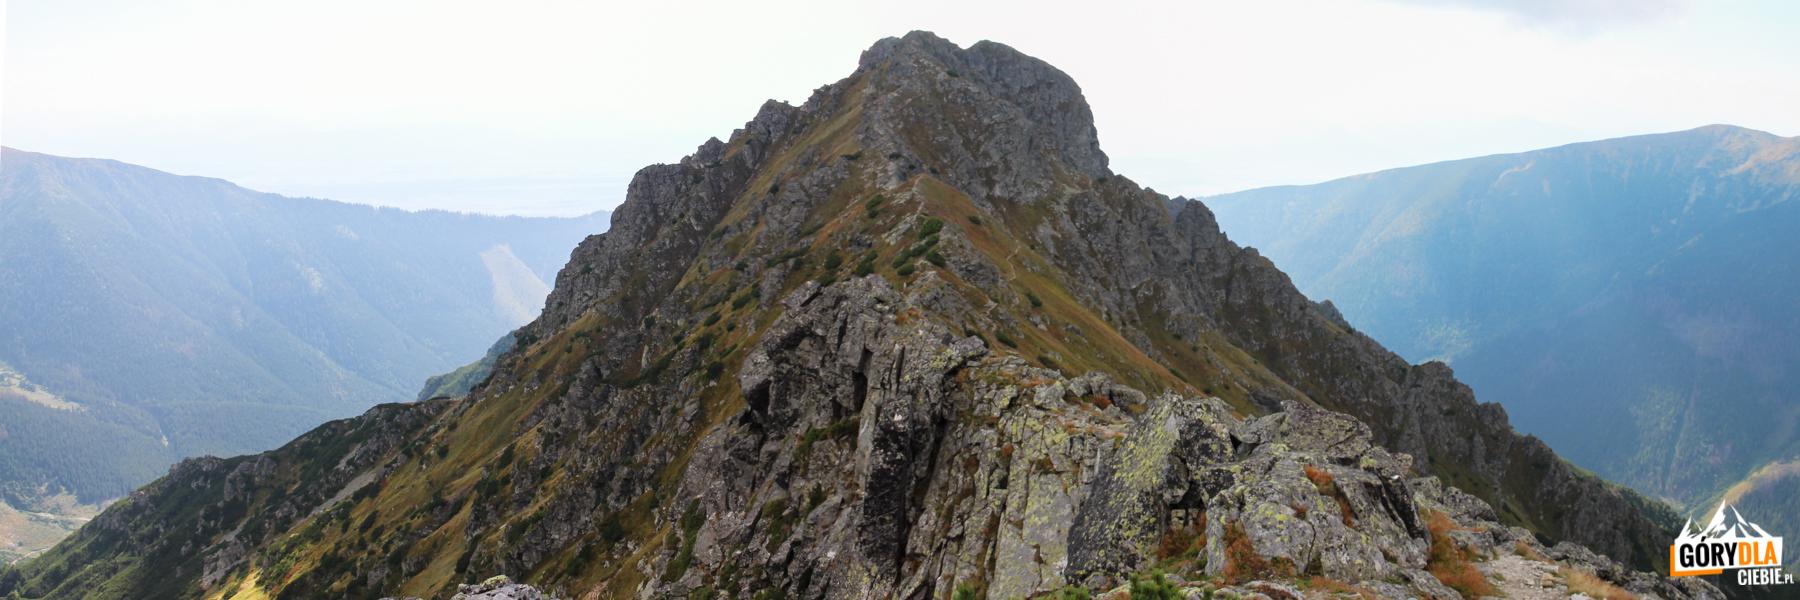 Pośrednia Magura (2050 m) widziana od strony Wyżniej Magury (20950 m)